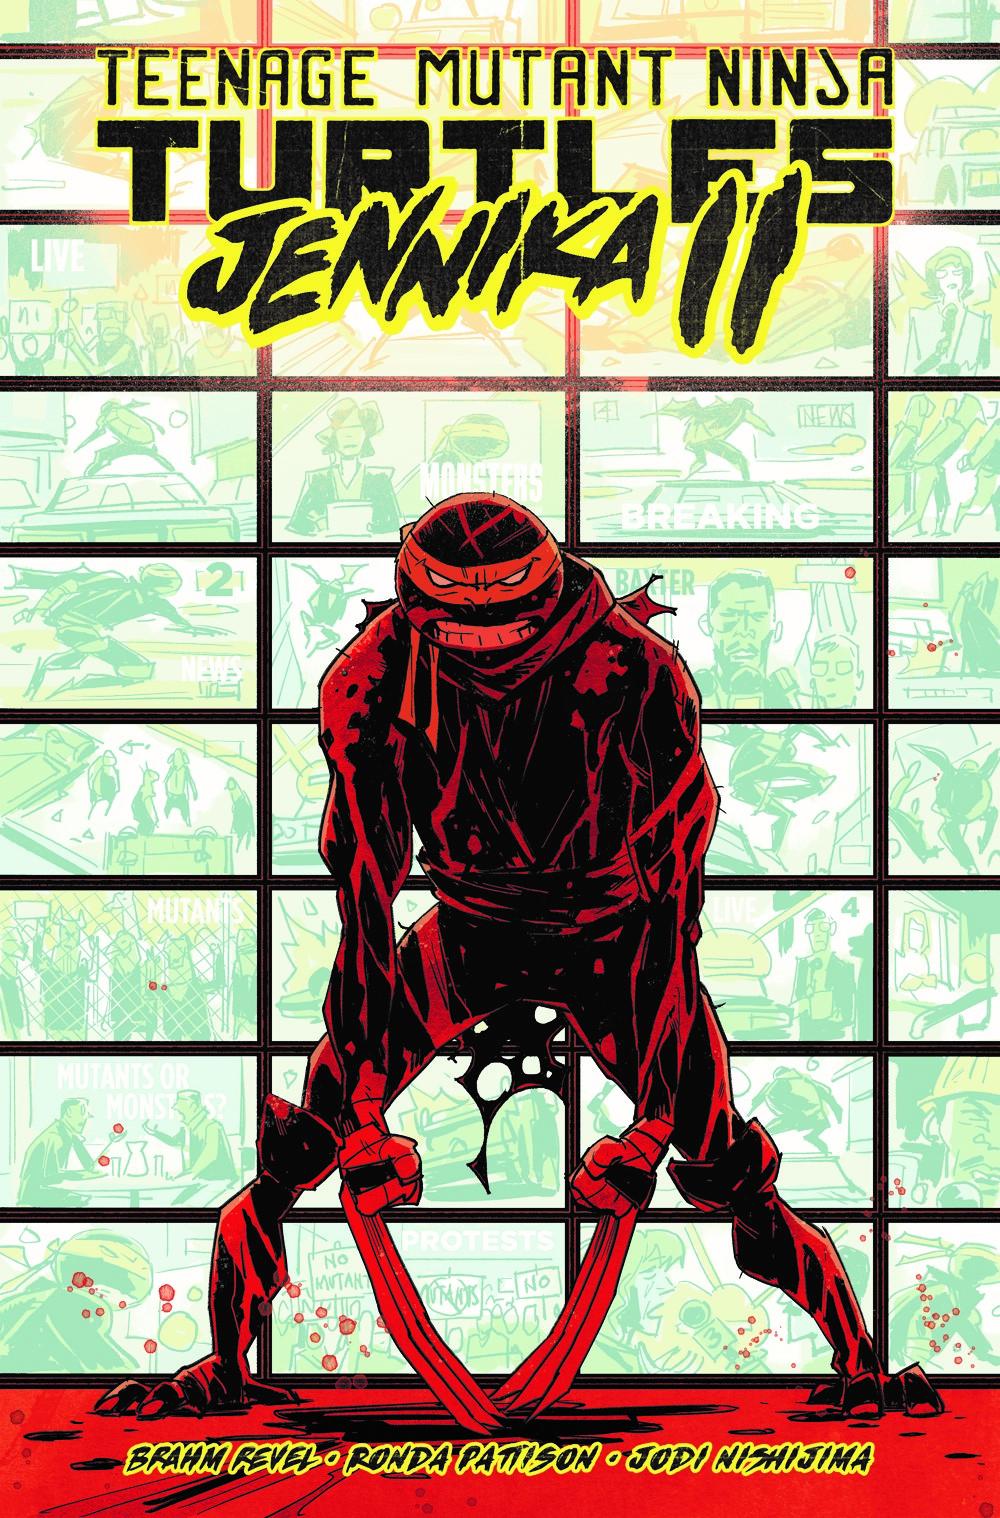 TMNT-Jennika02_cvr ComicList Previews: TEENAGE MUTANT NINJA TURTLES JENNIKA II TP